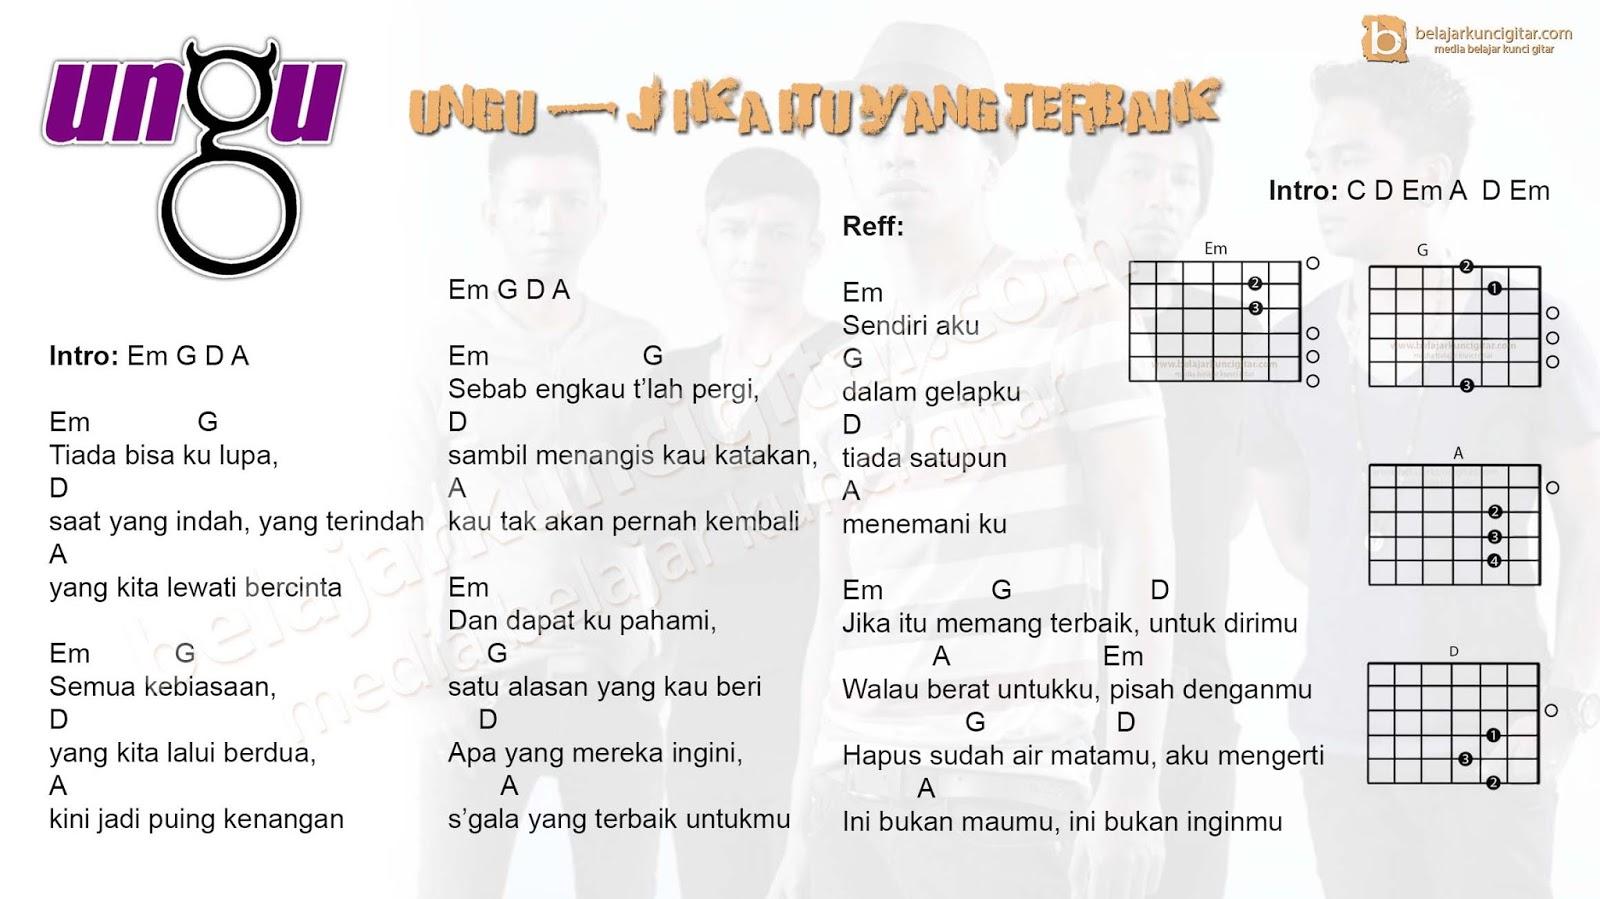 5 Kunci gitar lagu Ungu yang populer  belajar kunci gitar